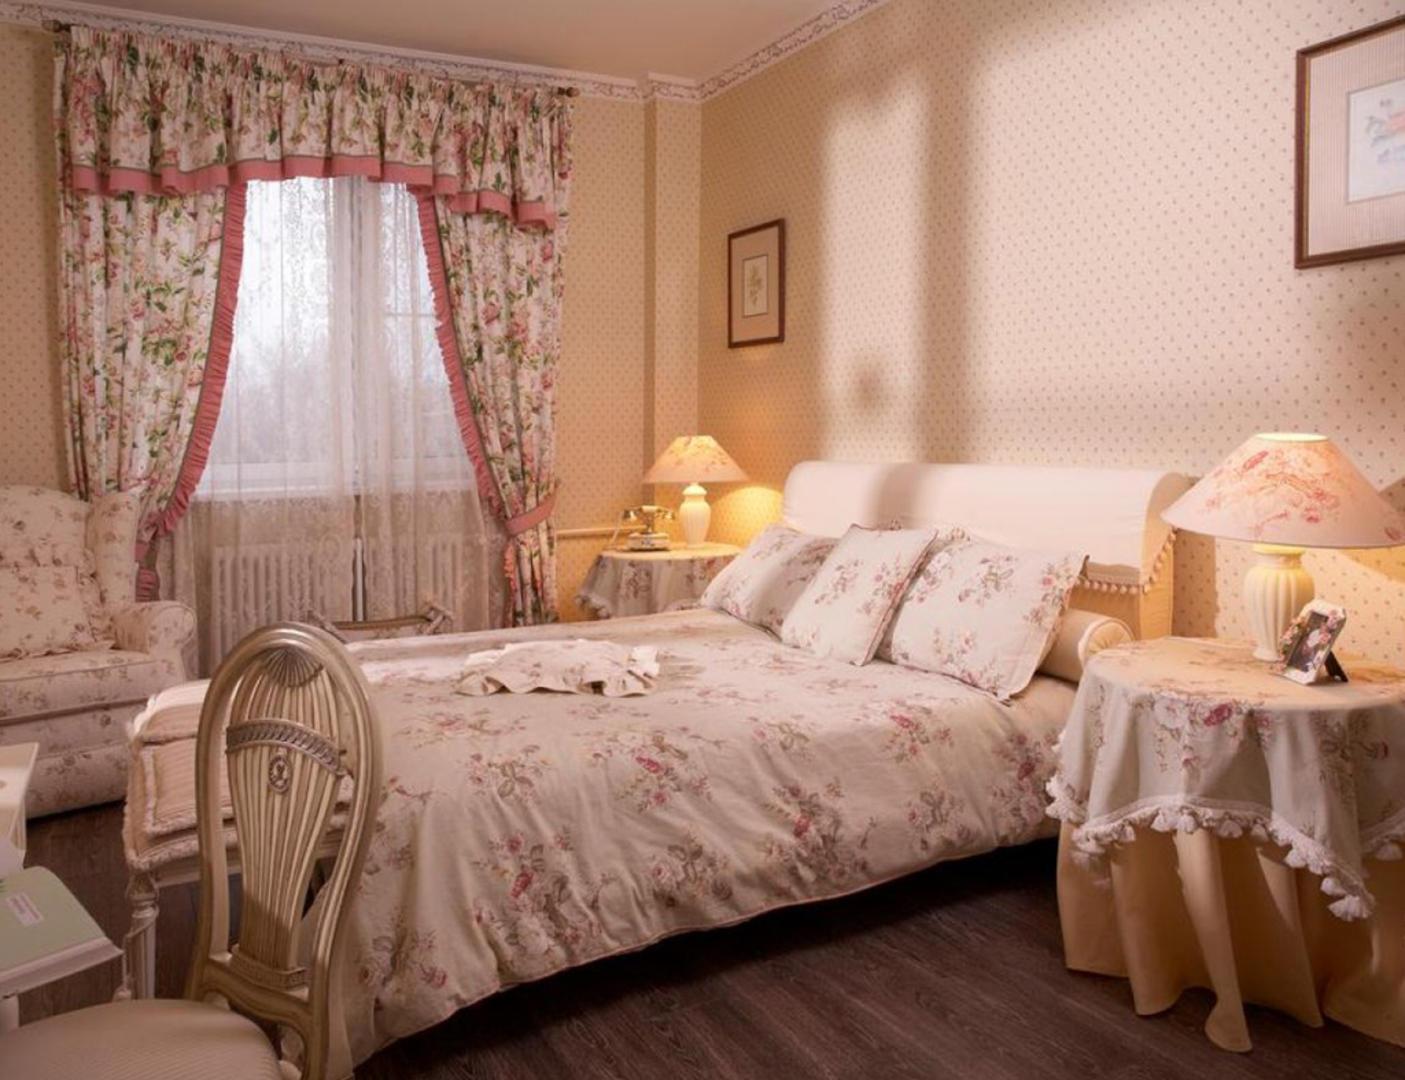 Покрывала для спальни — лучшие модели, рекомендации по выбору материала и стиля (80 фото)